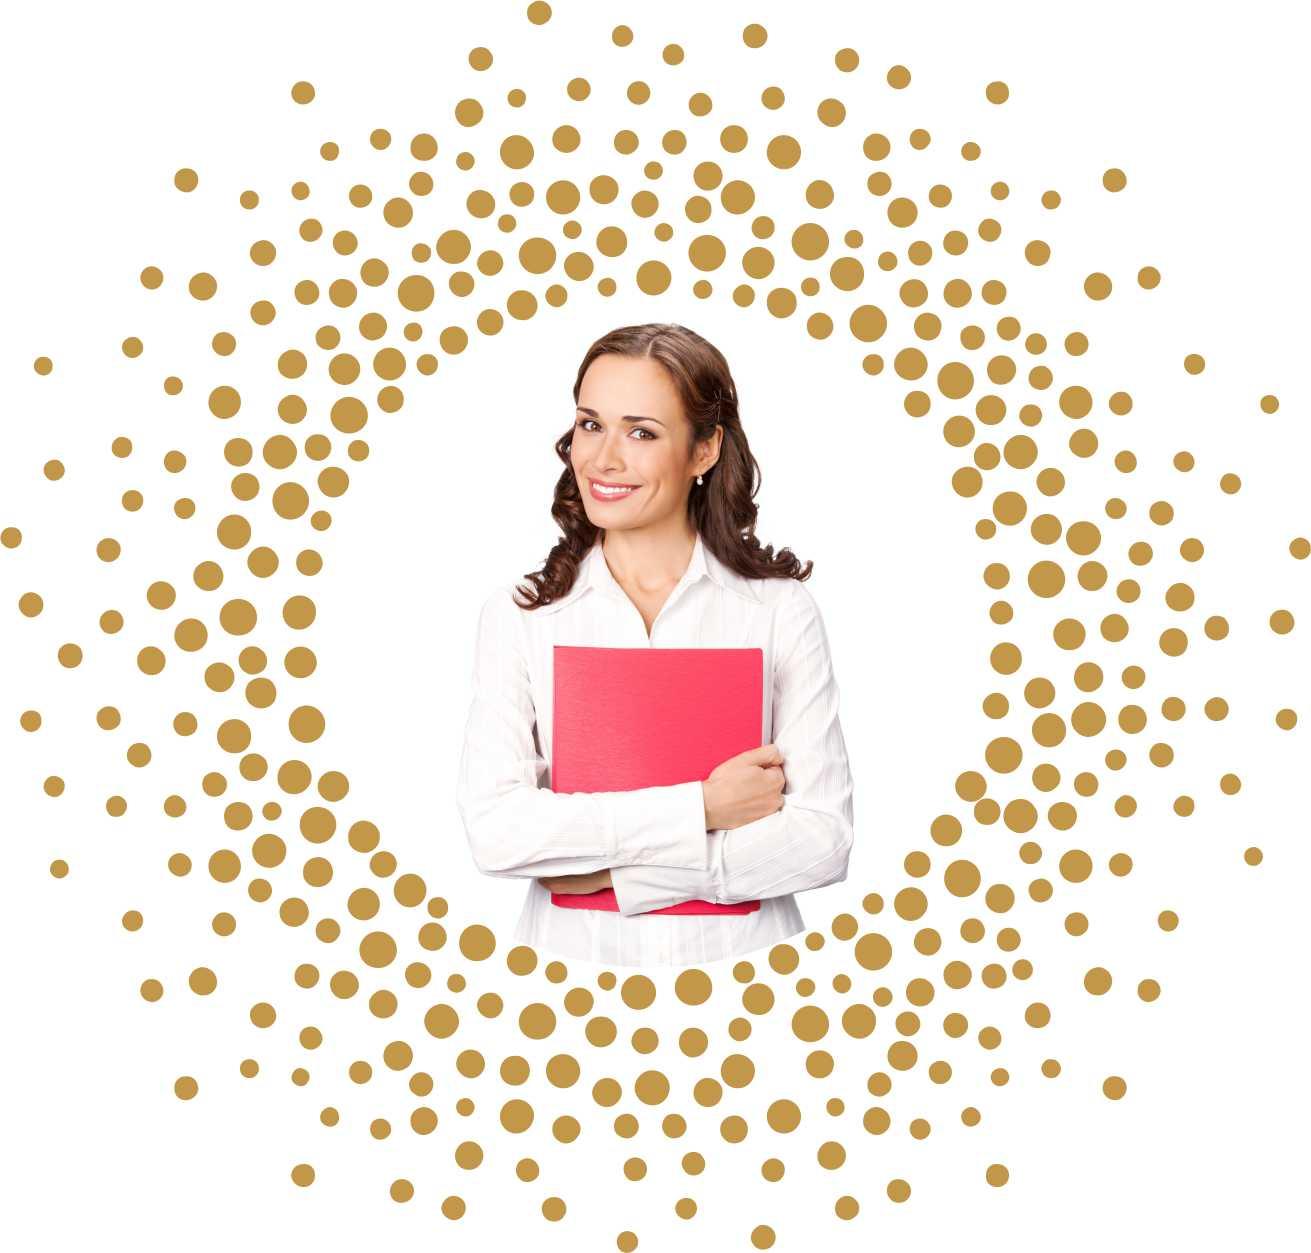 Работа в вебчате борзя работа для девушек в ночном клубе москва